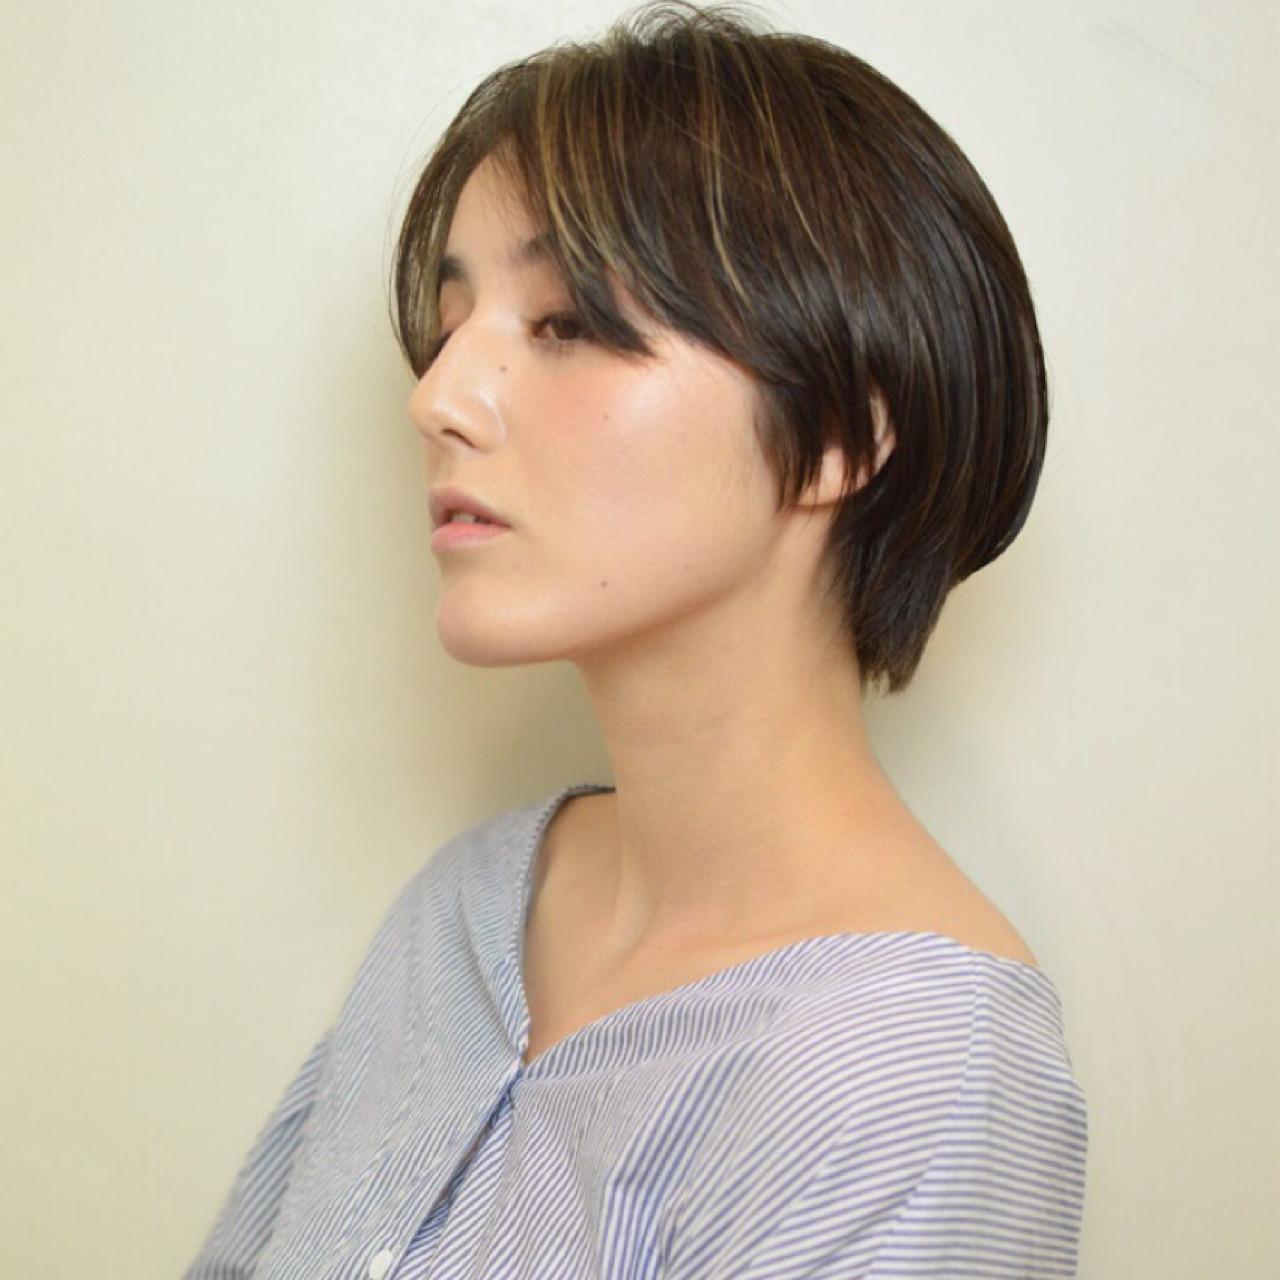 ナチュラル ショート ハイライト かっこいい ヘアスタイルや髪型の写真・画像